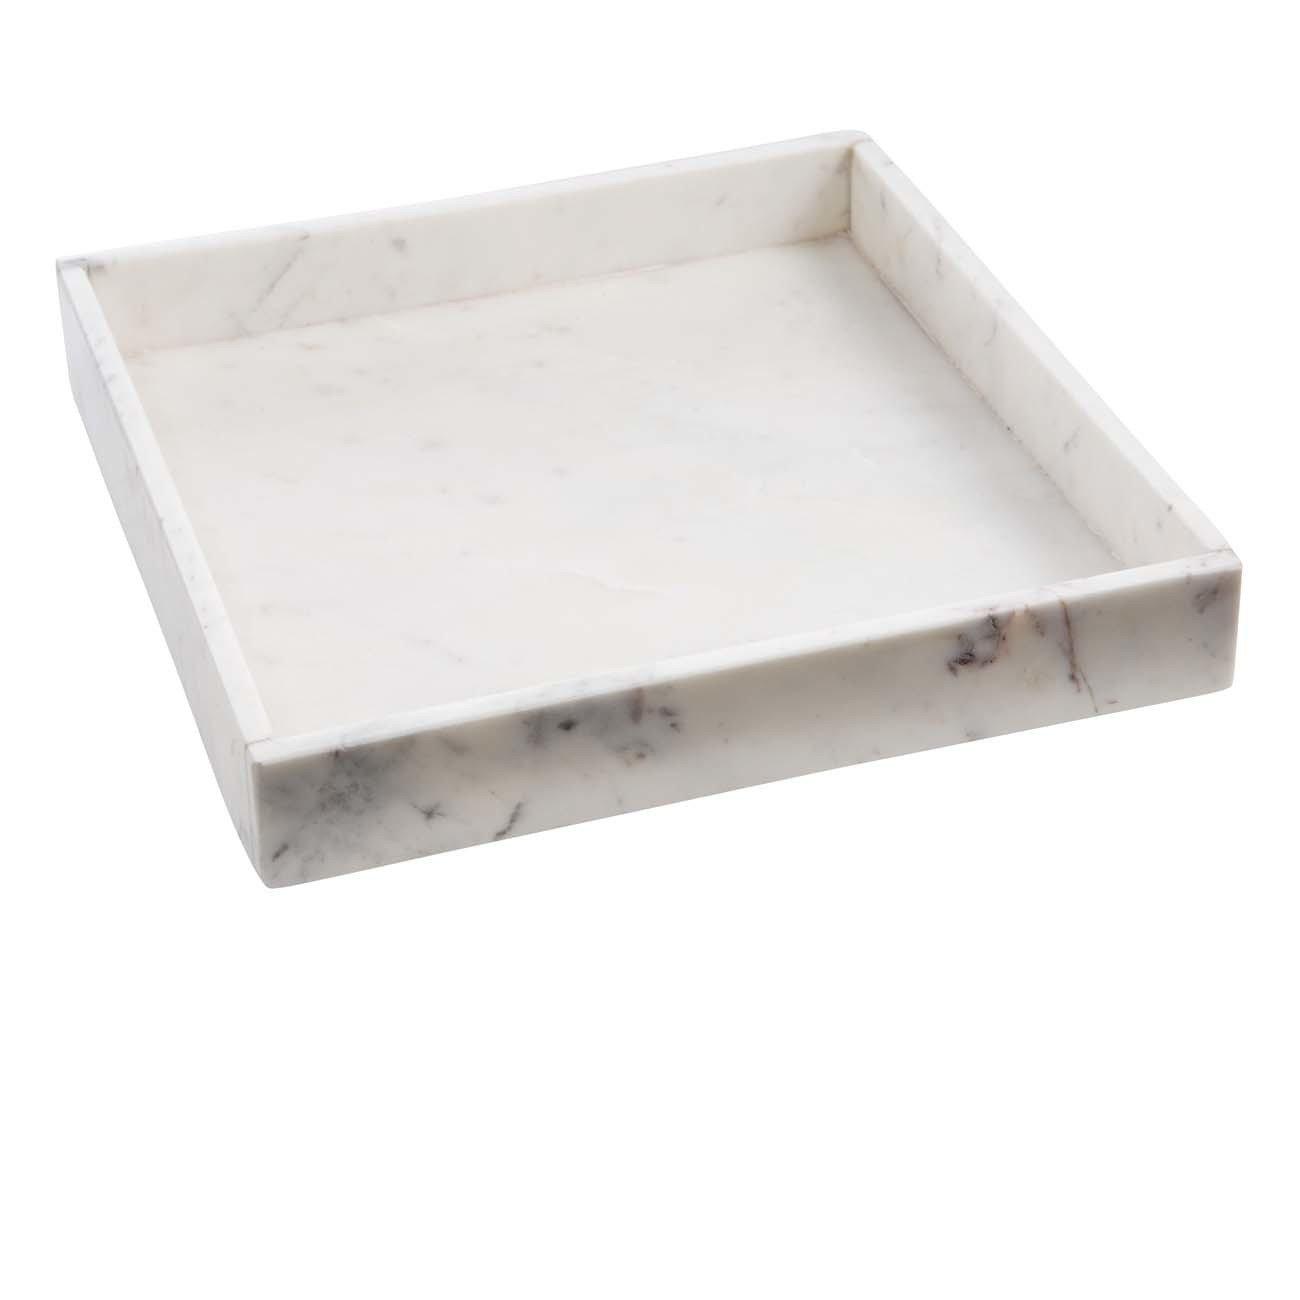 Madam Stoltz Marmortablett – Tablett aus weissem Marmor – Marble Tray – Dekotablett - Serviertablett - quadratisch – Marmoroptik - weiß - 30x30x4cm weiss